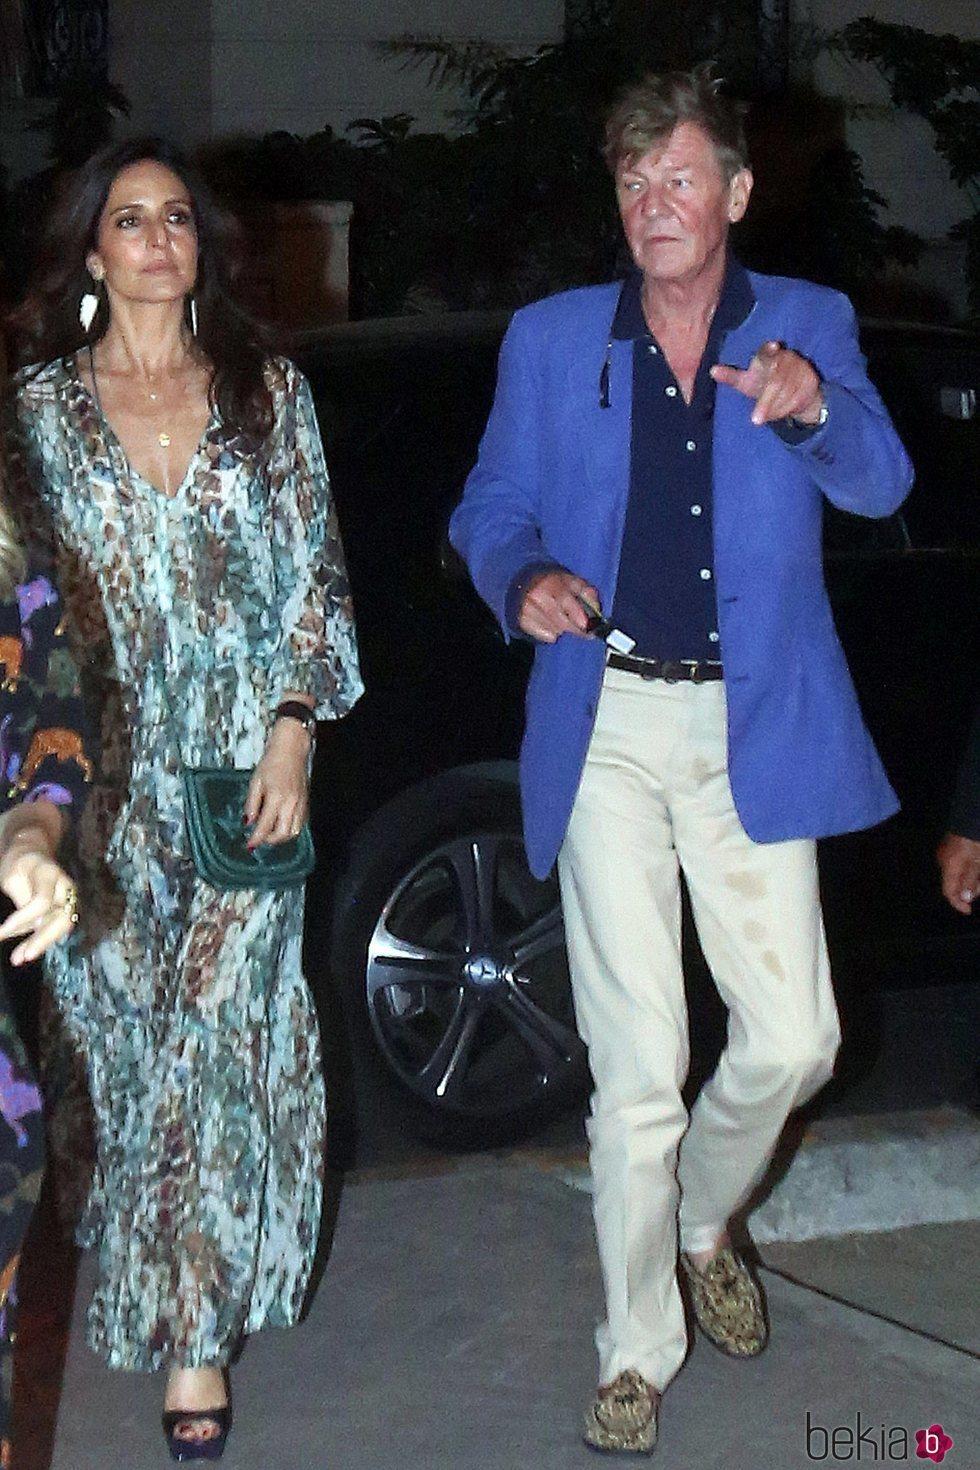 Ernesto de Hannover y Maria Madalena Bensaude en la boda de Christian de Hannover en Lima